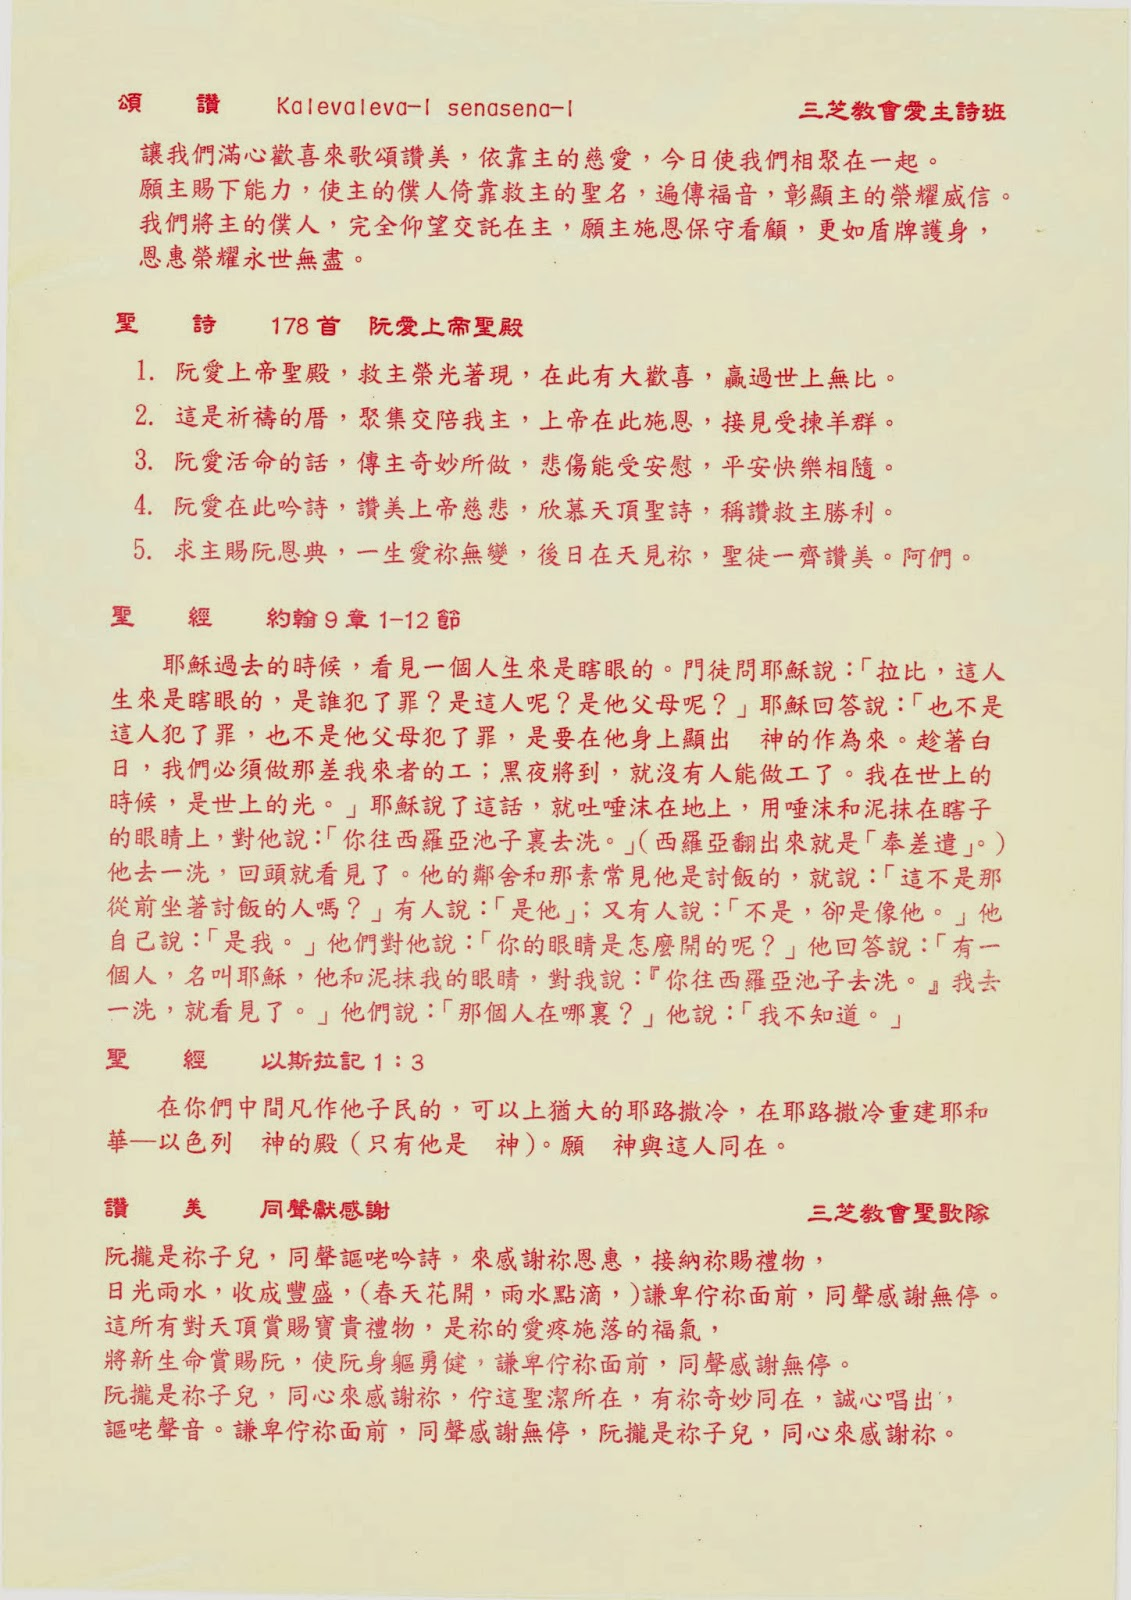 臺灣基督長老教會 三芝教會: 蔡三雄牧師就任程序單及賀詞